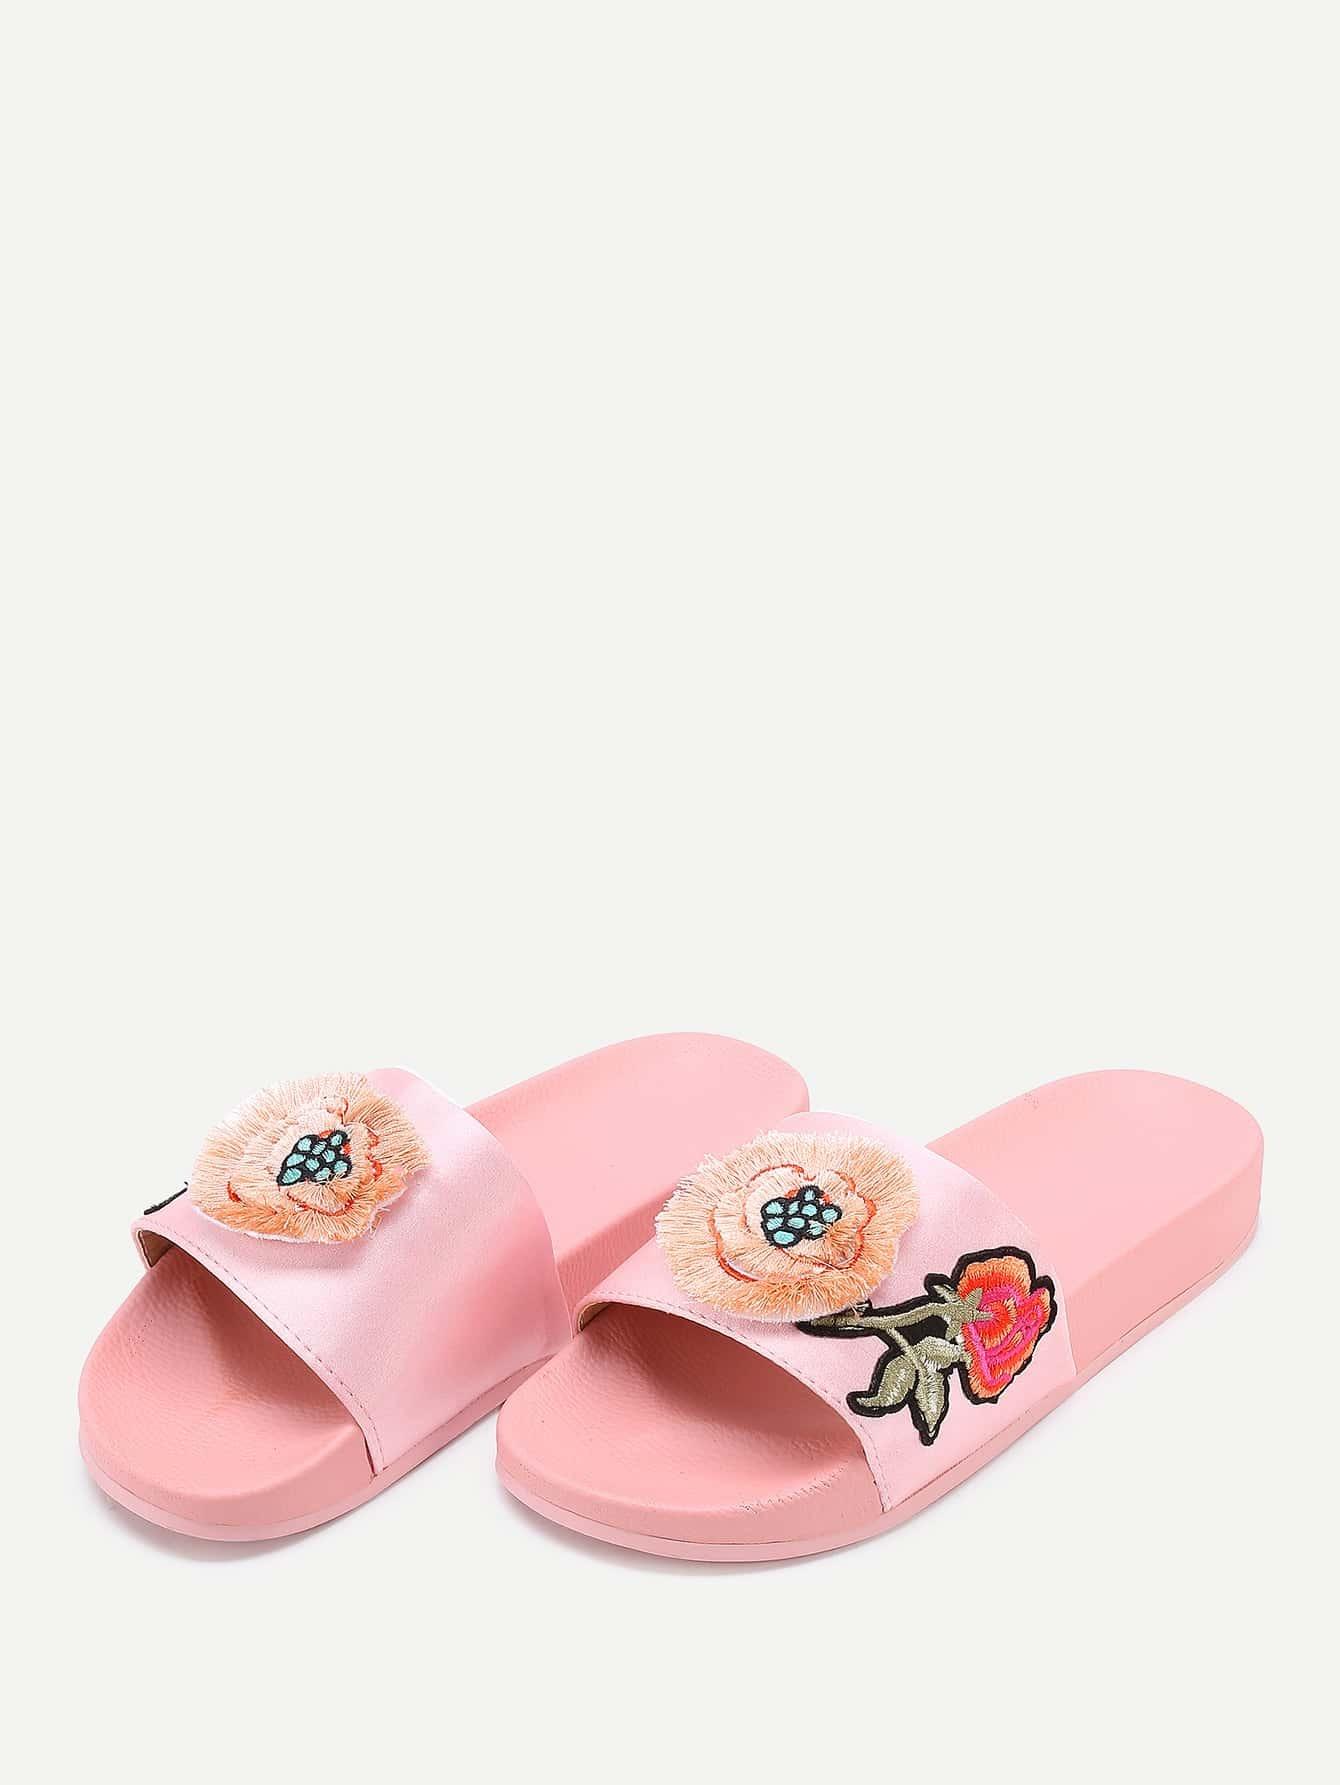 shoes170509813_2